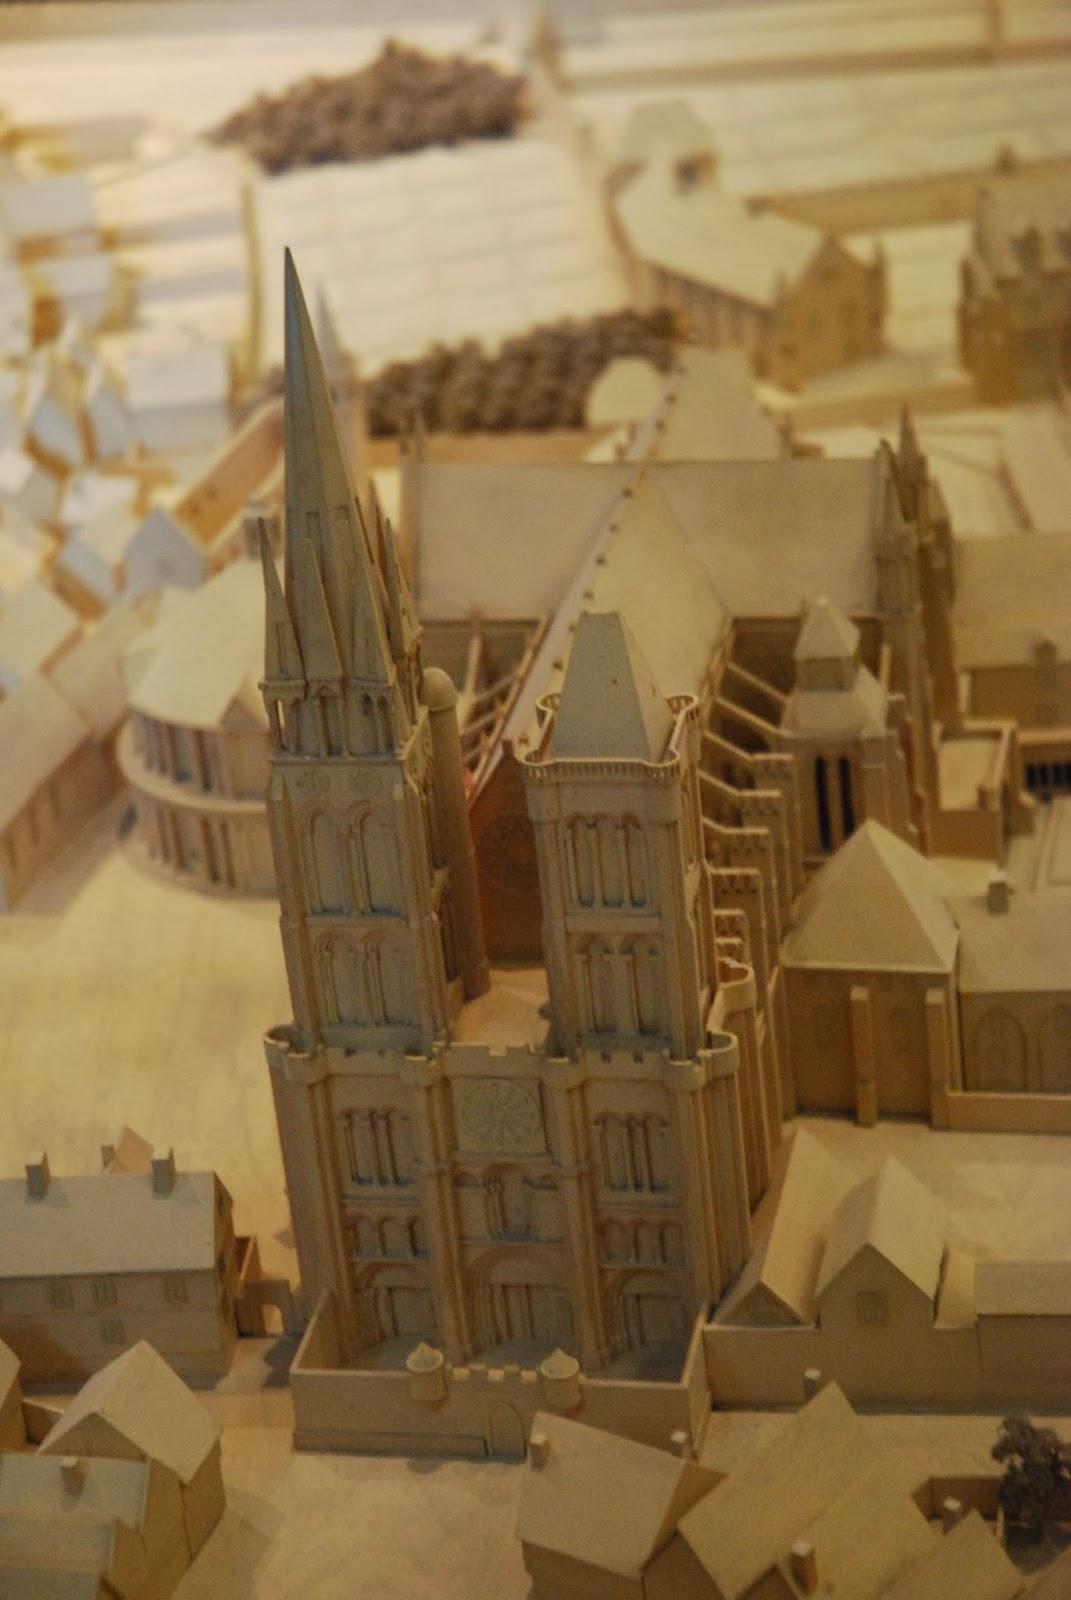 Laghouat voyage de l 39 architecture romane l 39 architecture for Architecture romane et gothique